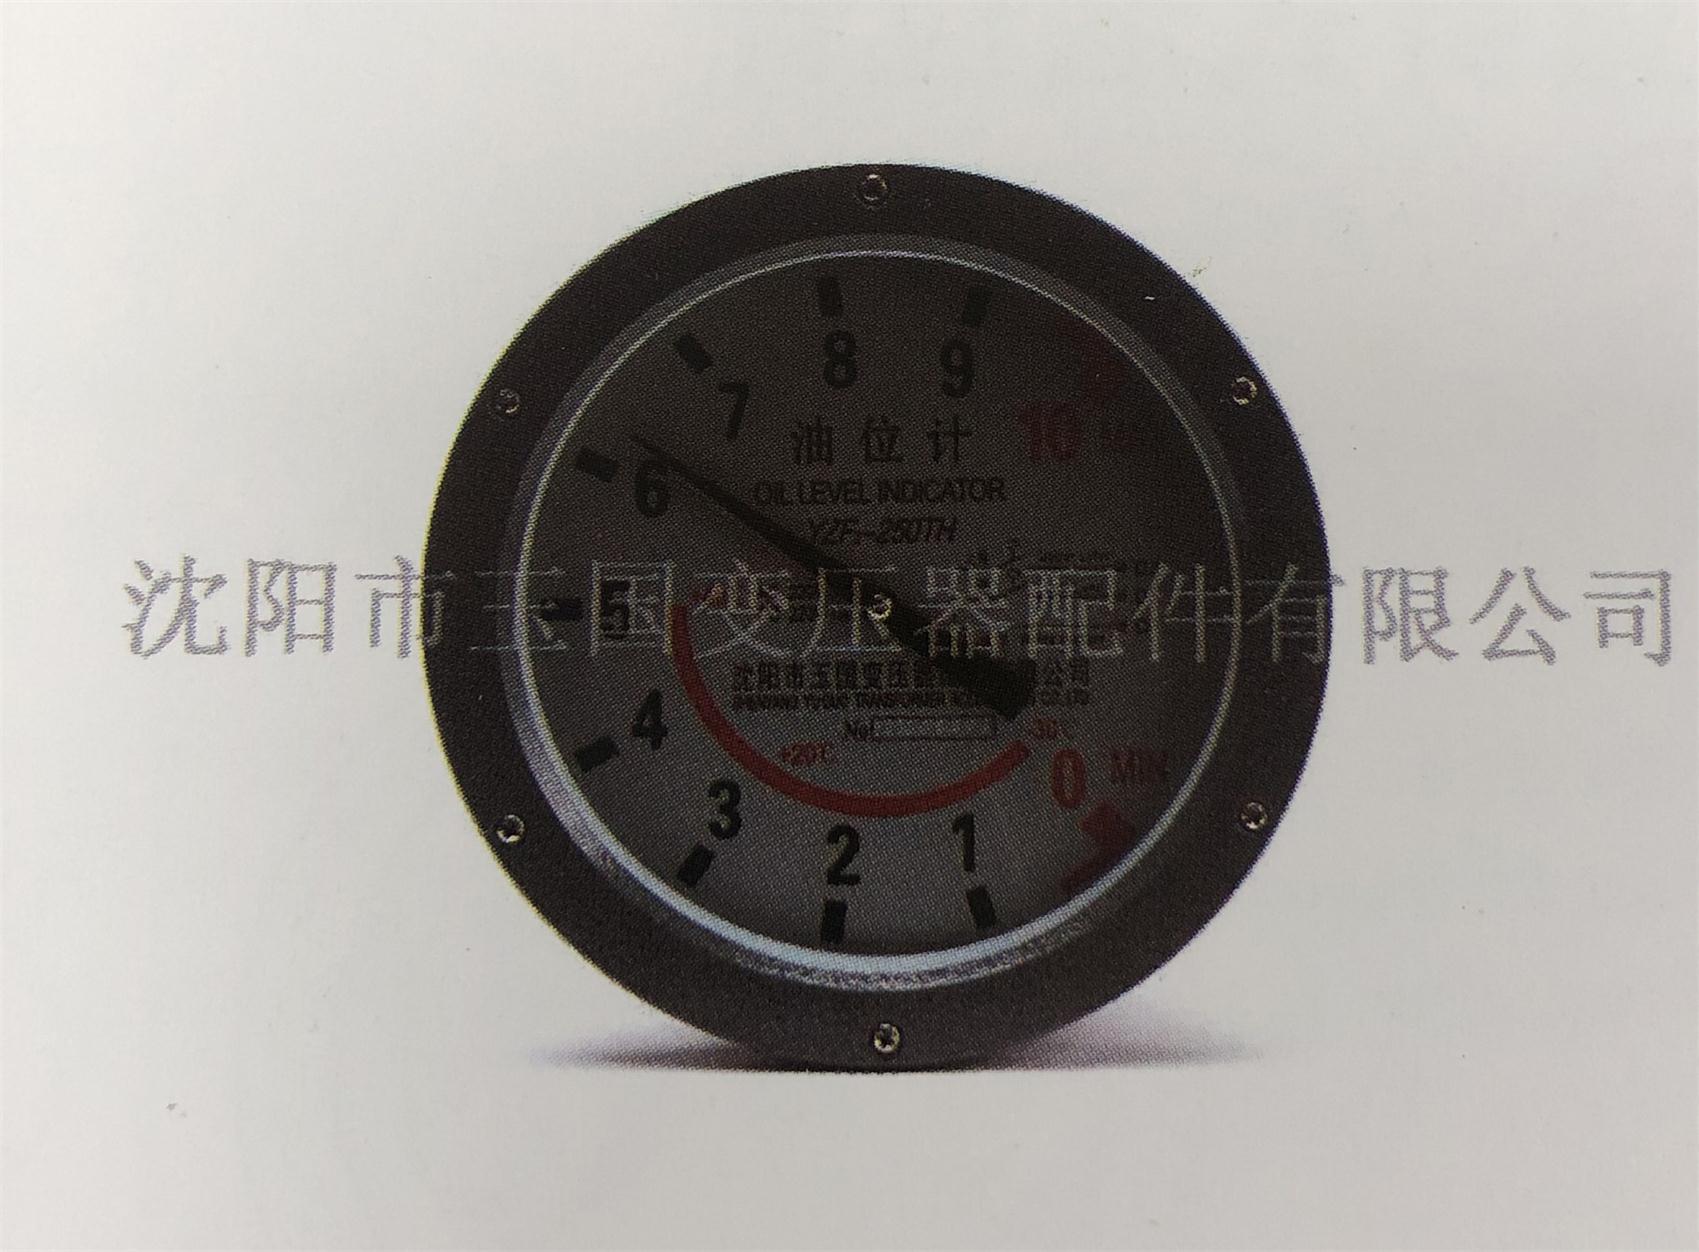 广西油位表价格-购买品牌好的油位表选择沈阳市国变压器配件公司